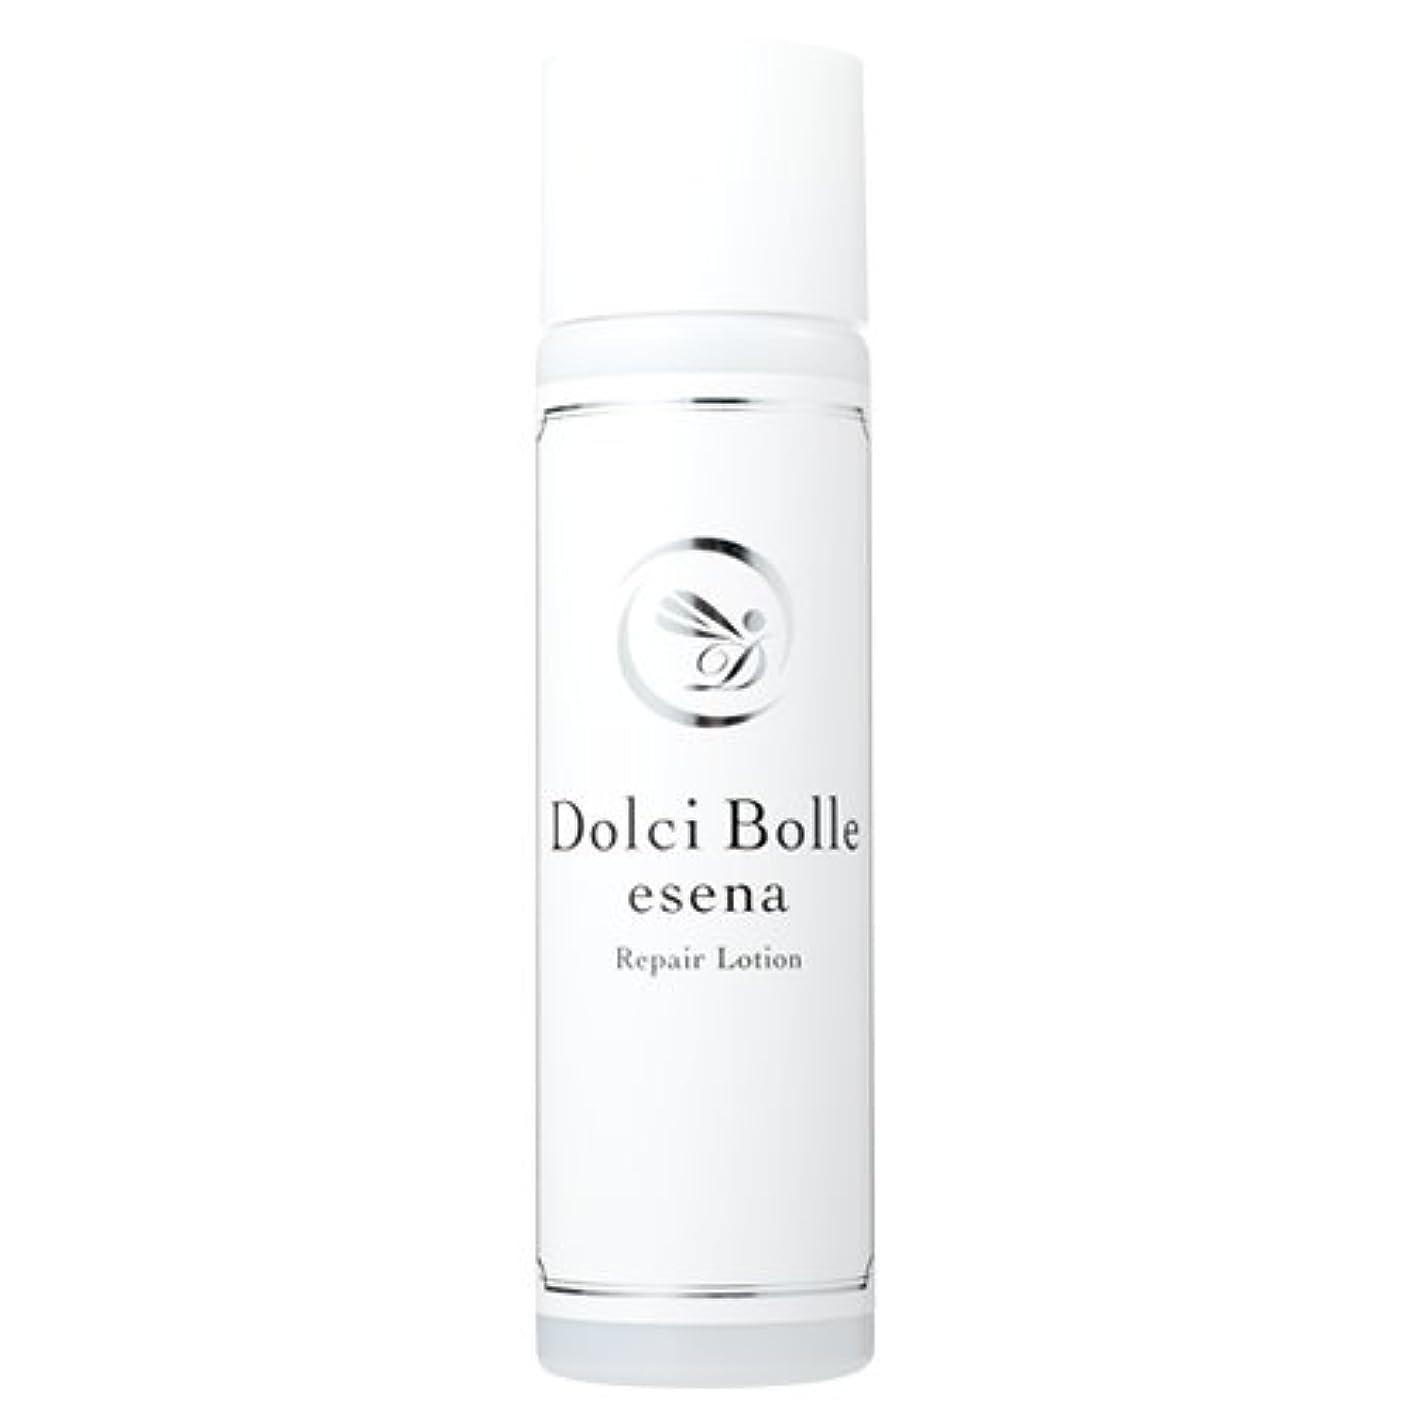 位置づける高度な納屋Dolci Bolle(ドルチボーレ) esena(エセナ) リペアローション 150ml